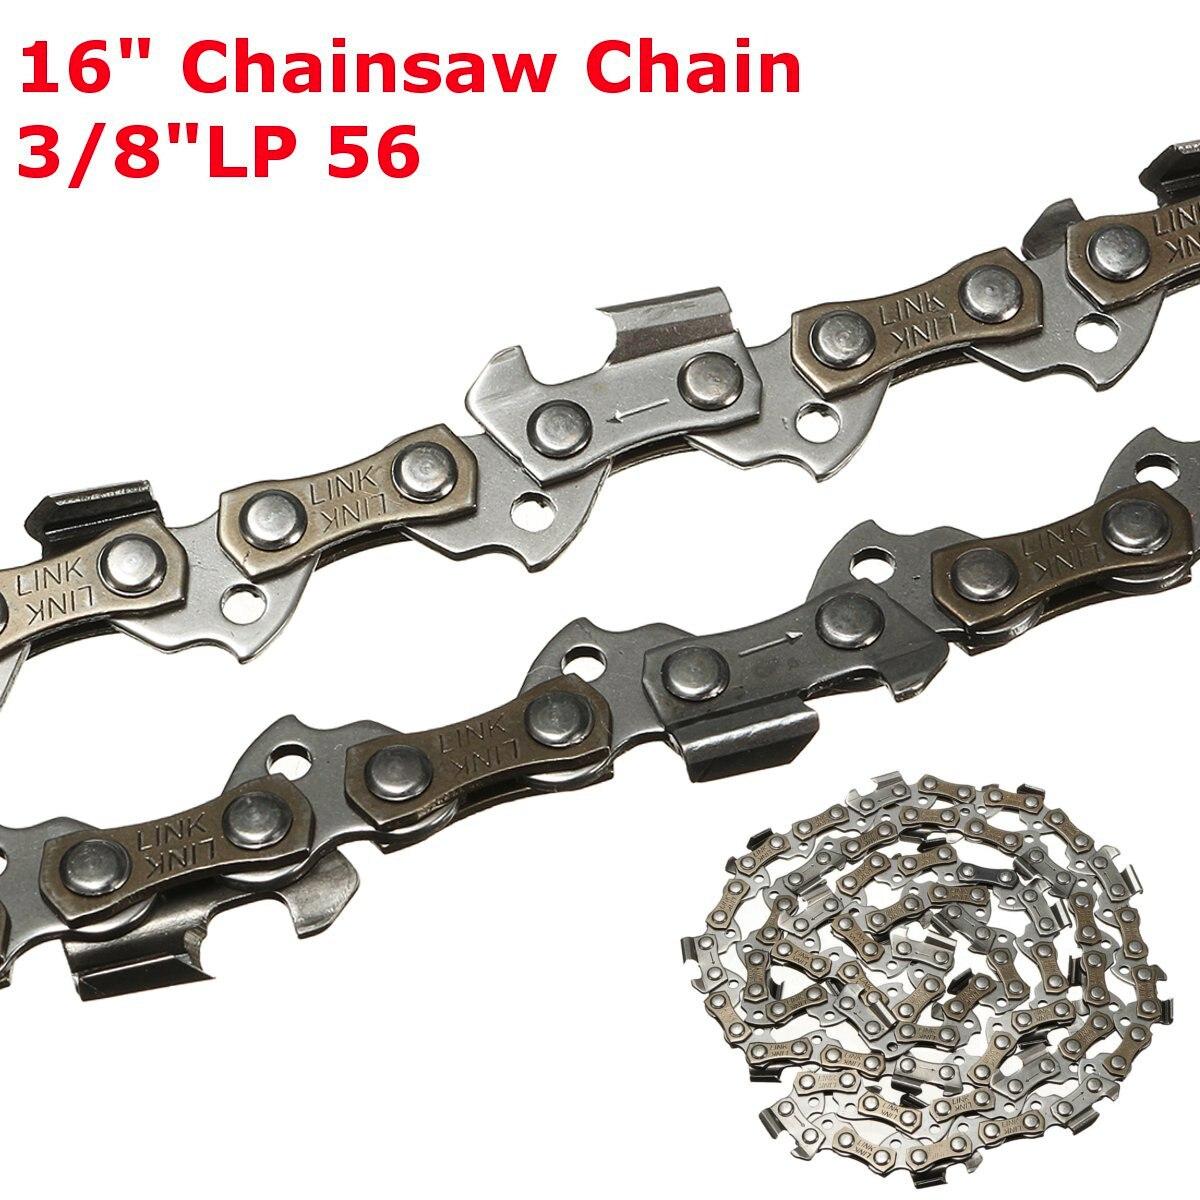 16 chainsaw chainsaw chainsaw saw chain blade pitch 3/8 lp lp lp 0.050 56dl lâmina de serra correntes de corte de madeira motosserra acessório para genérico